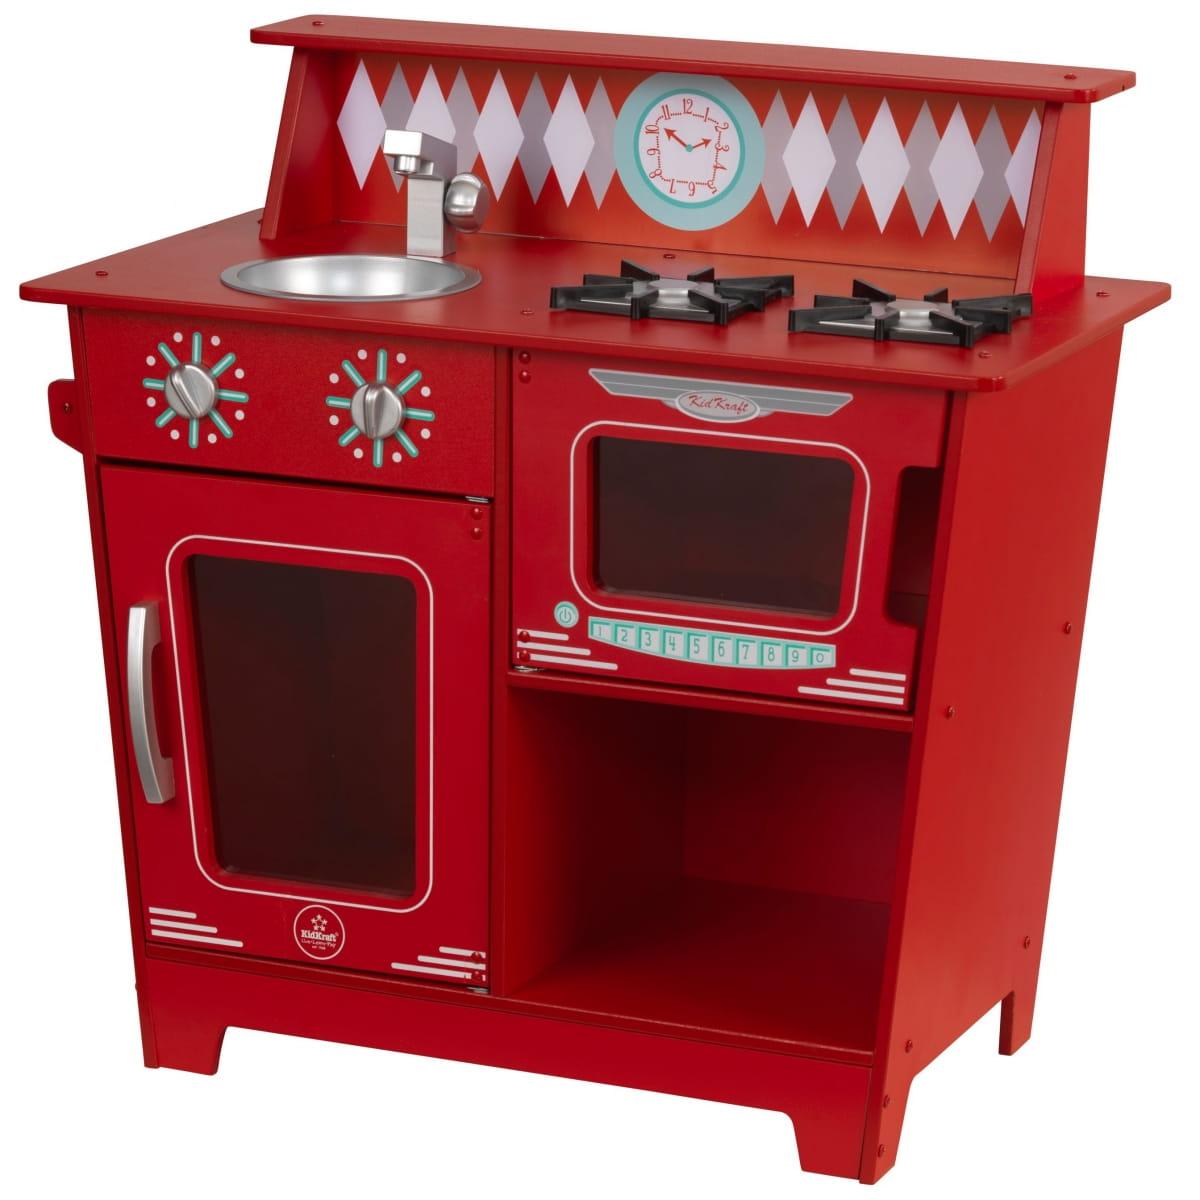 Детская кухня KIDKRAFT Red Classic Красная классическая - Детские кухни